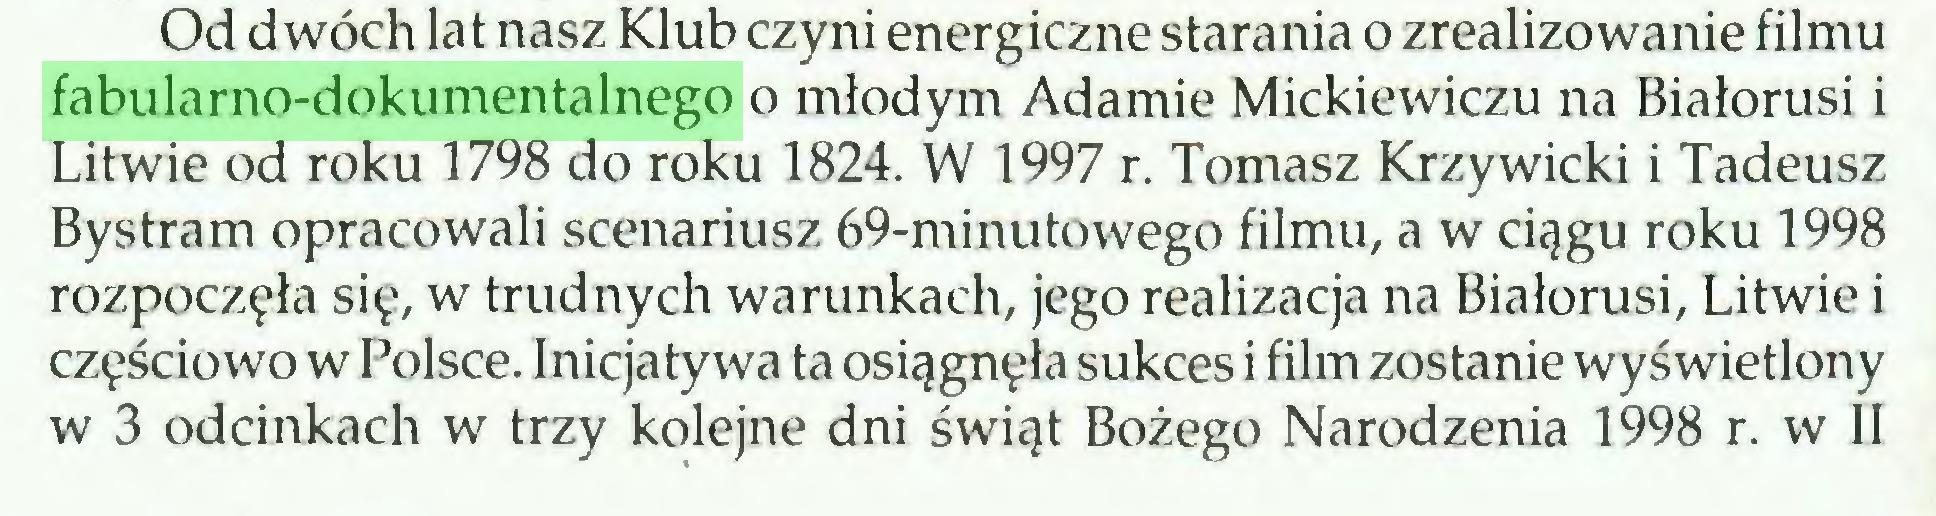 (...) Od dwóch lat nasz Klub czyni energiczne starania o zrealizowanie filmu fabularno-dokumentalnego o młodym Adamie Mickiewiczu na Białorusi i Litwie od roku 1798 do roku 1824. W 1997 r. Tomasz Krzywicki i Tadeusz Bystram opracowali scenariusz 69-minutowego filmu, a w ciągu roku 1998 rozpoczęła się, w trudnych warunkach, jego realizacja na Białorusi, Litwie i częściowo w Polsce. Inicjatywa ta osiągnęła sukces i film zostanie wyświetlony w 3 odcinkach w trzy kolejne dni świąt Bożego Narodzenia 1998 r. w II...